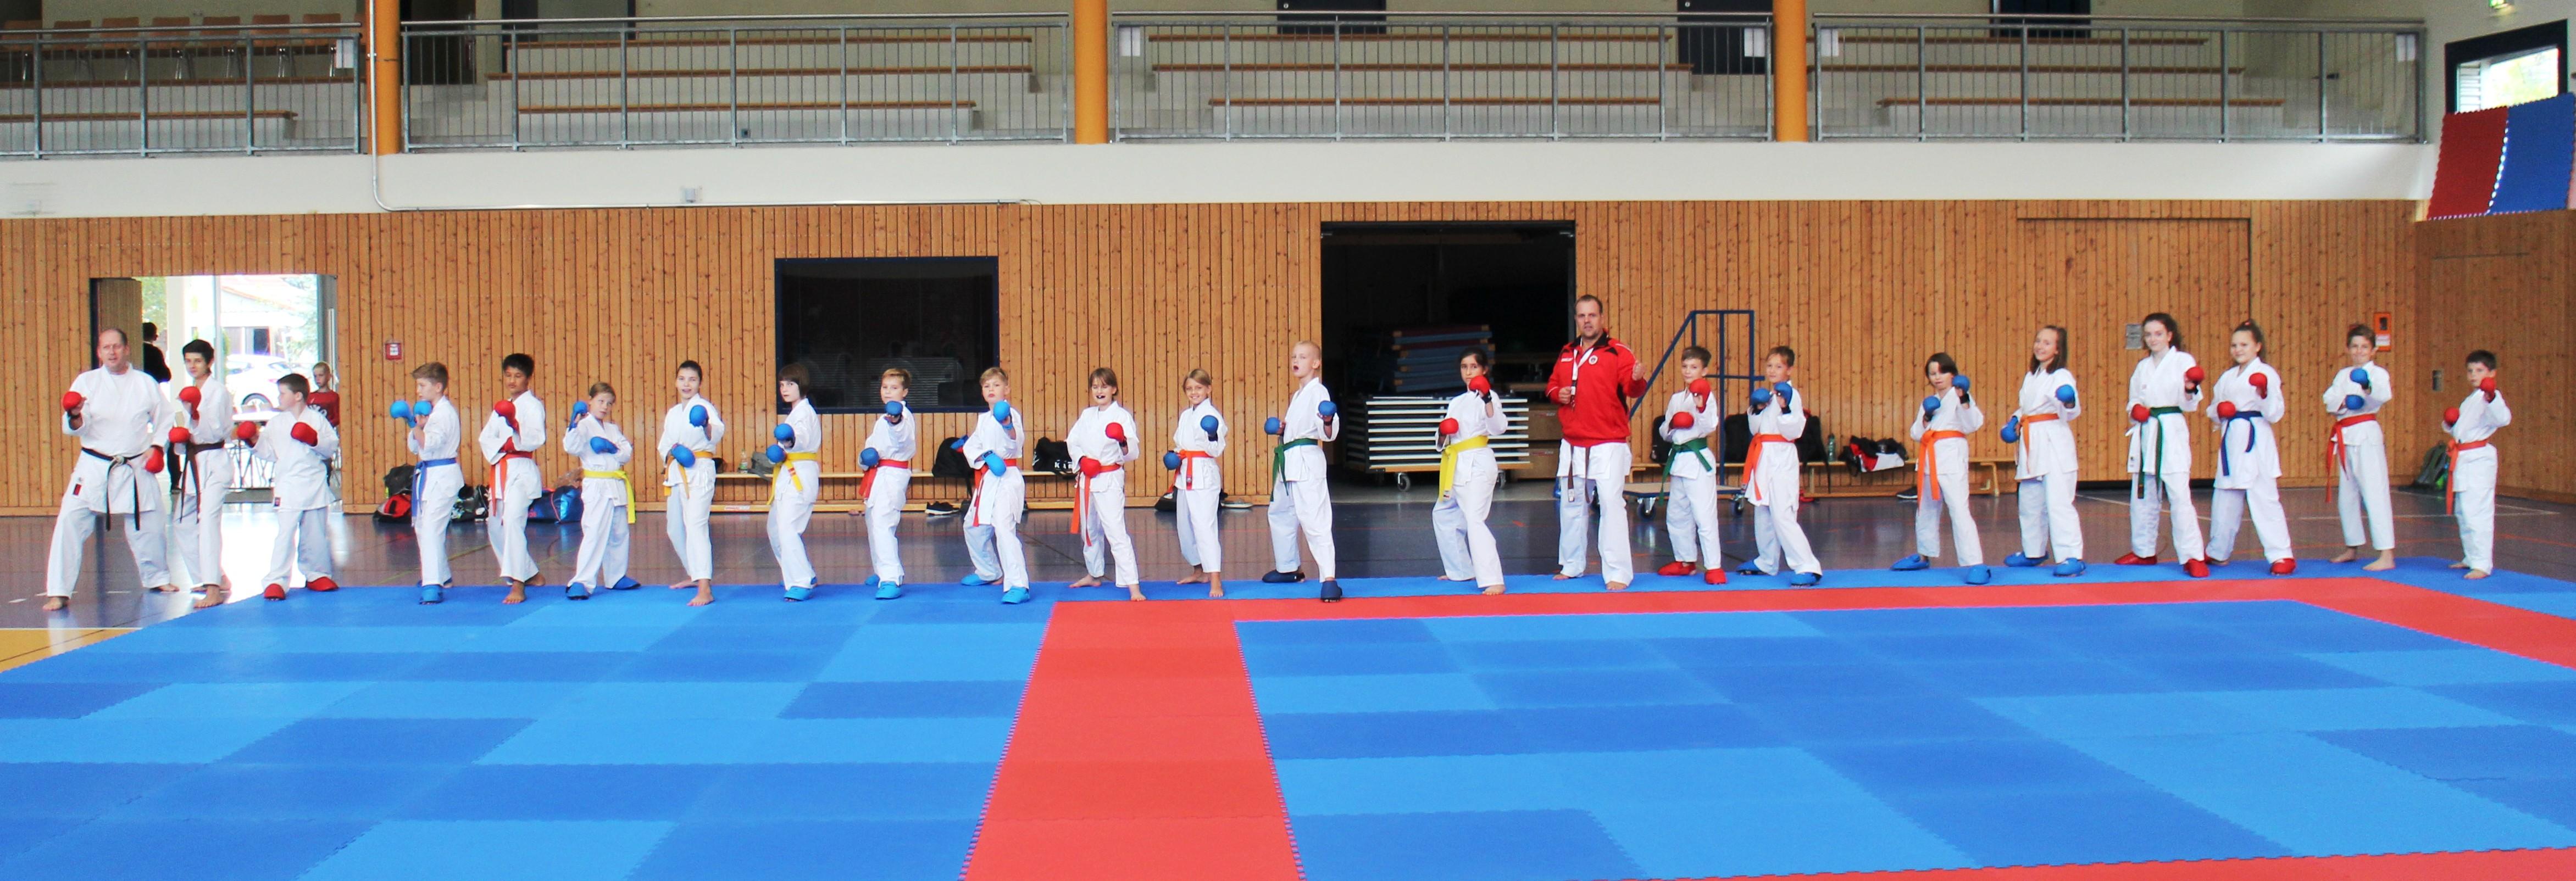 Gemeinsames Kumite-Training ist attraktiver